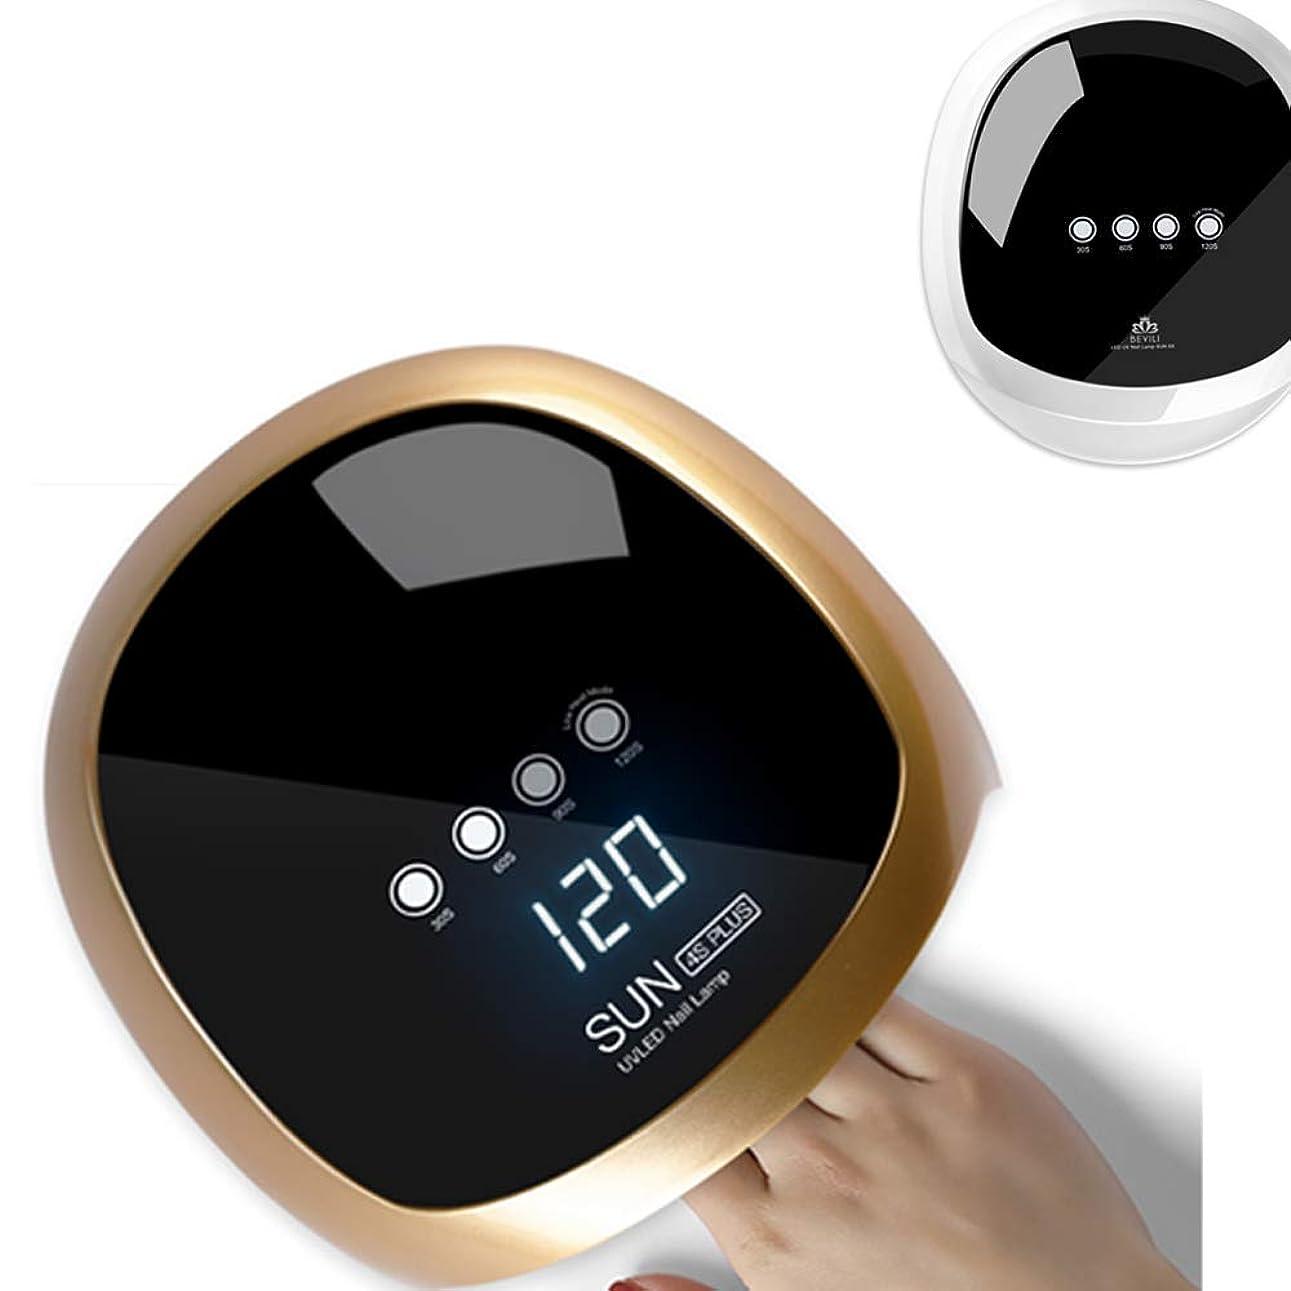 クリーク戦術トレイルジェルネイル UV LED ライト ネイル ネイルドライヤー 赤外線検知 4段階タイマー設定可能 手足兼用 (Gold)